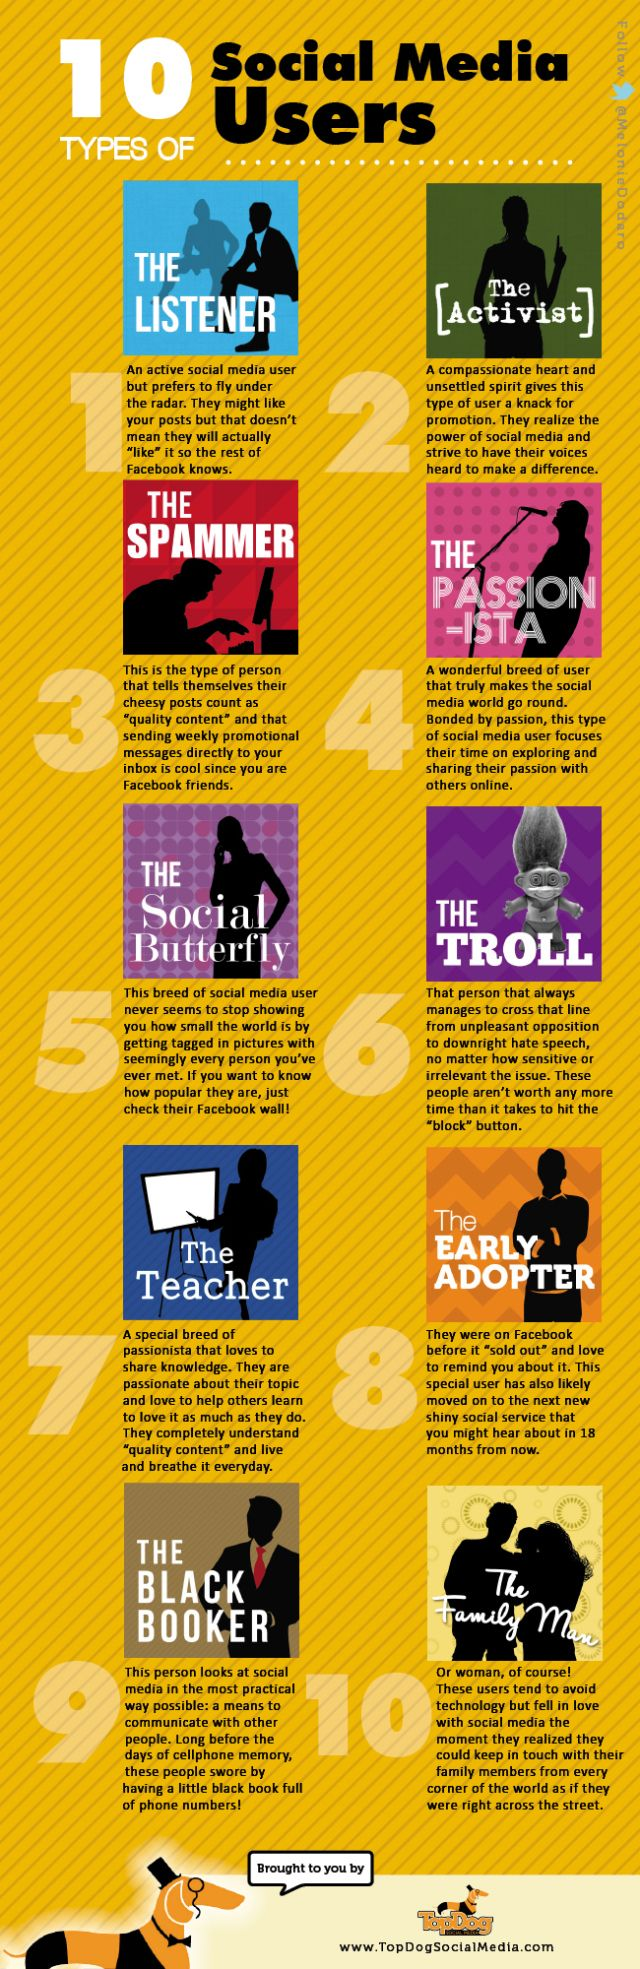 10 types of Social Media users #socialmedia